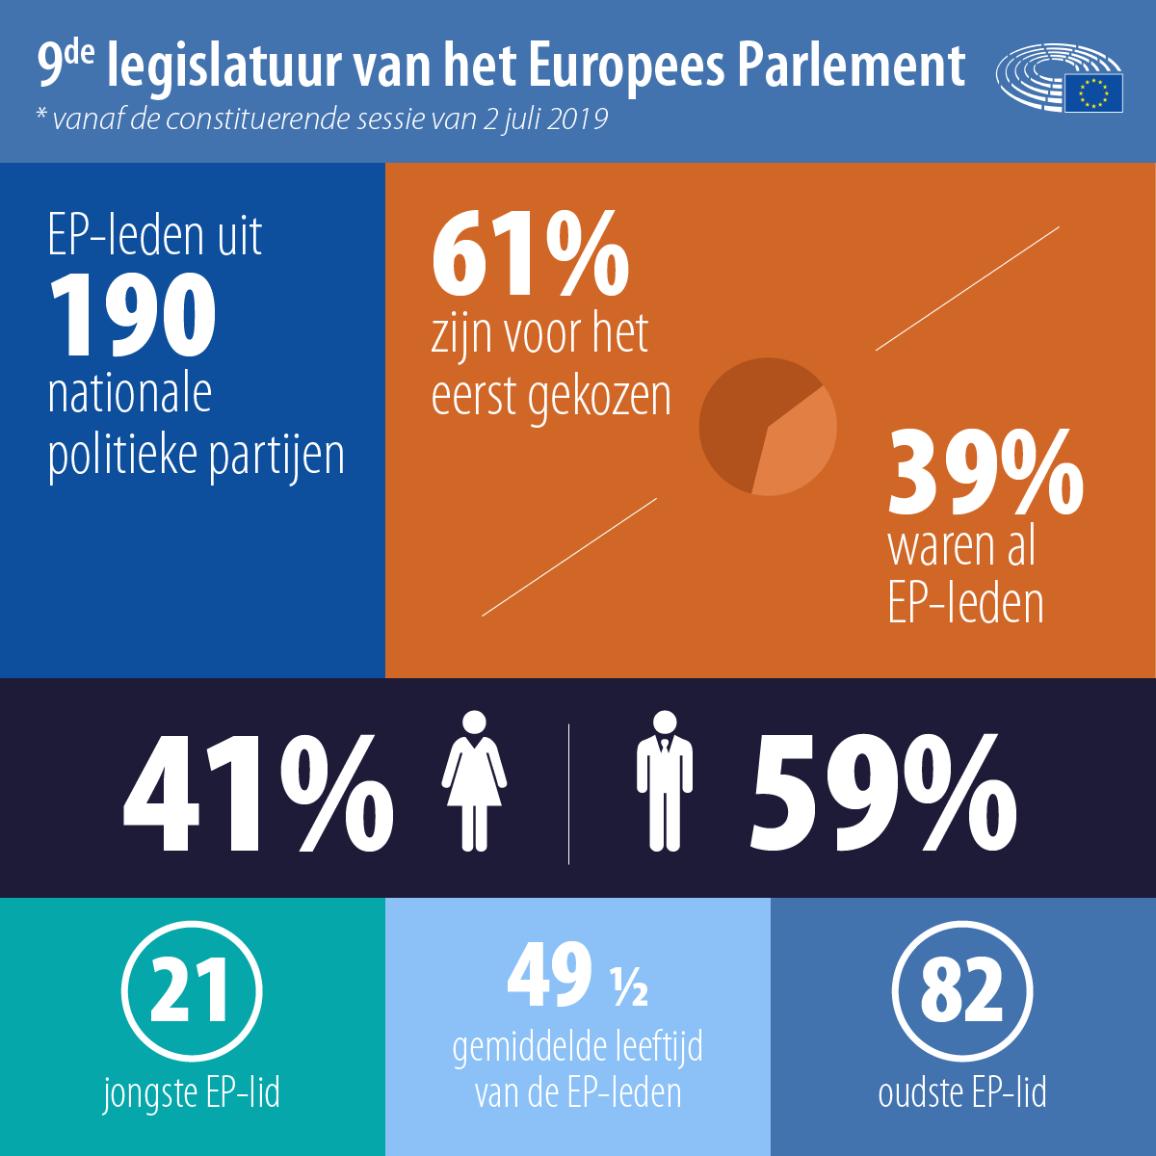 Afbeelding van een infografiek met feiten en cijfers van het 9de legislatuur van het Europees Parlement